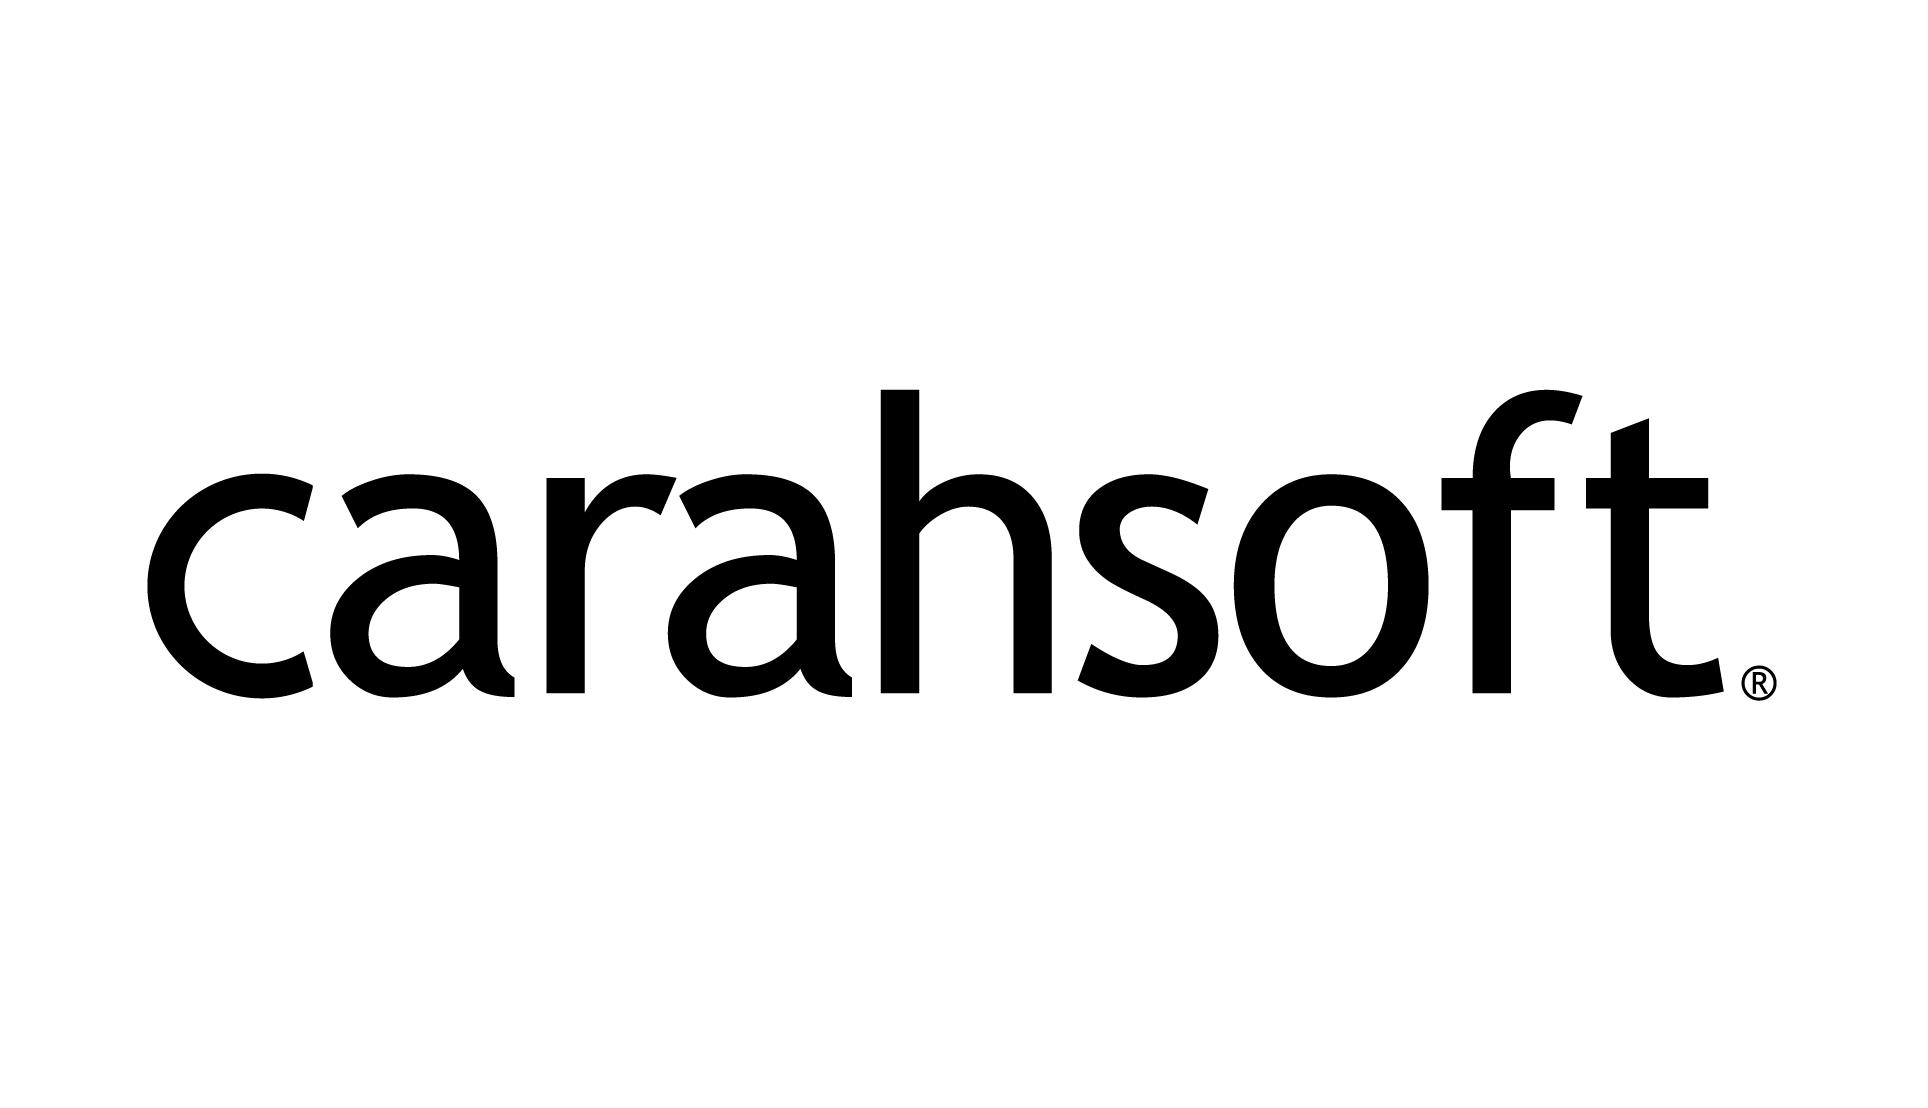 Carahsoft_logo_blk_032311